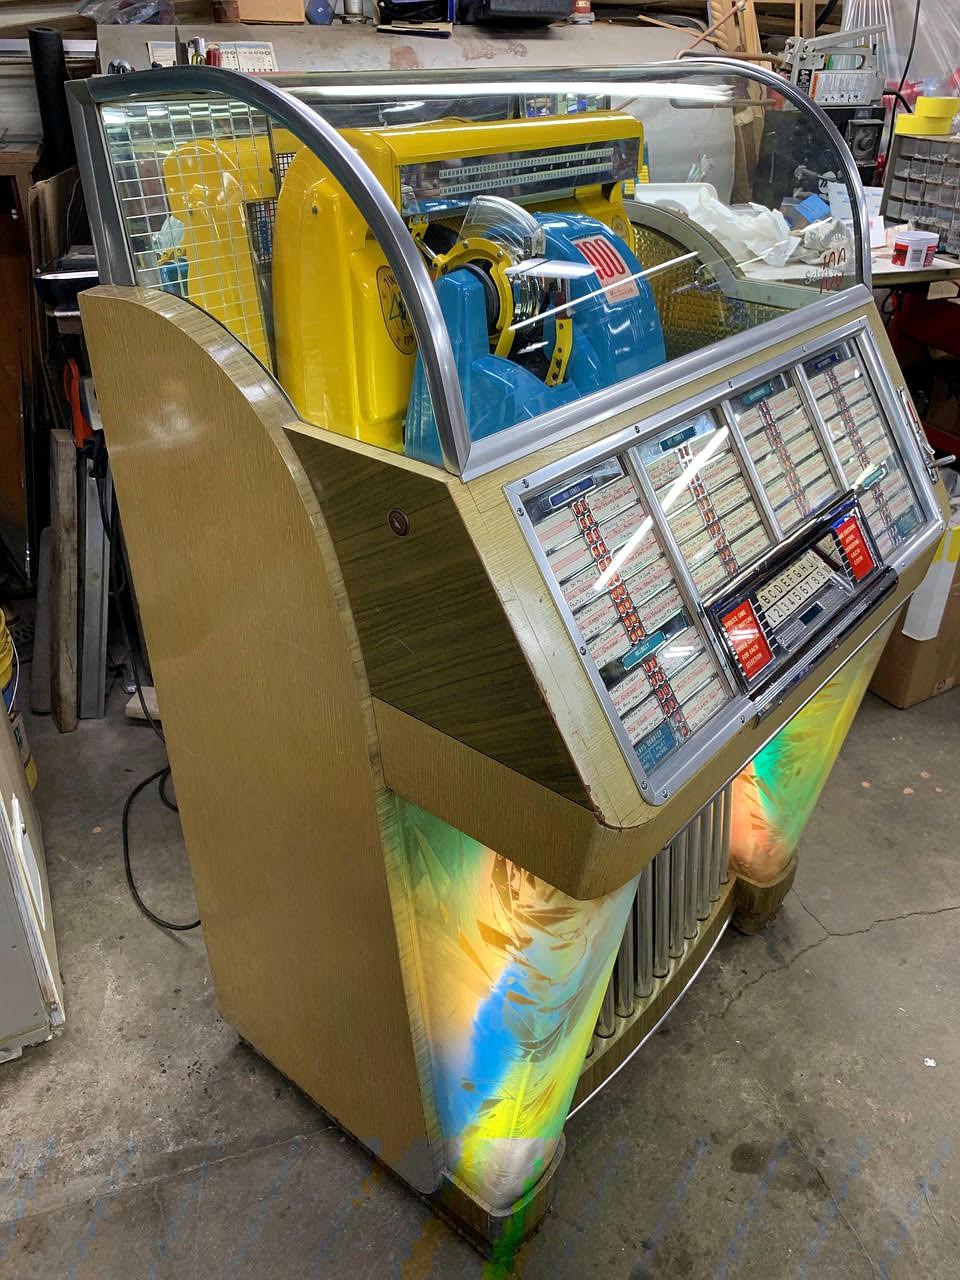 The Jukebox Shop – Jukebox sales, repairs and parts